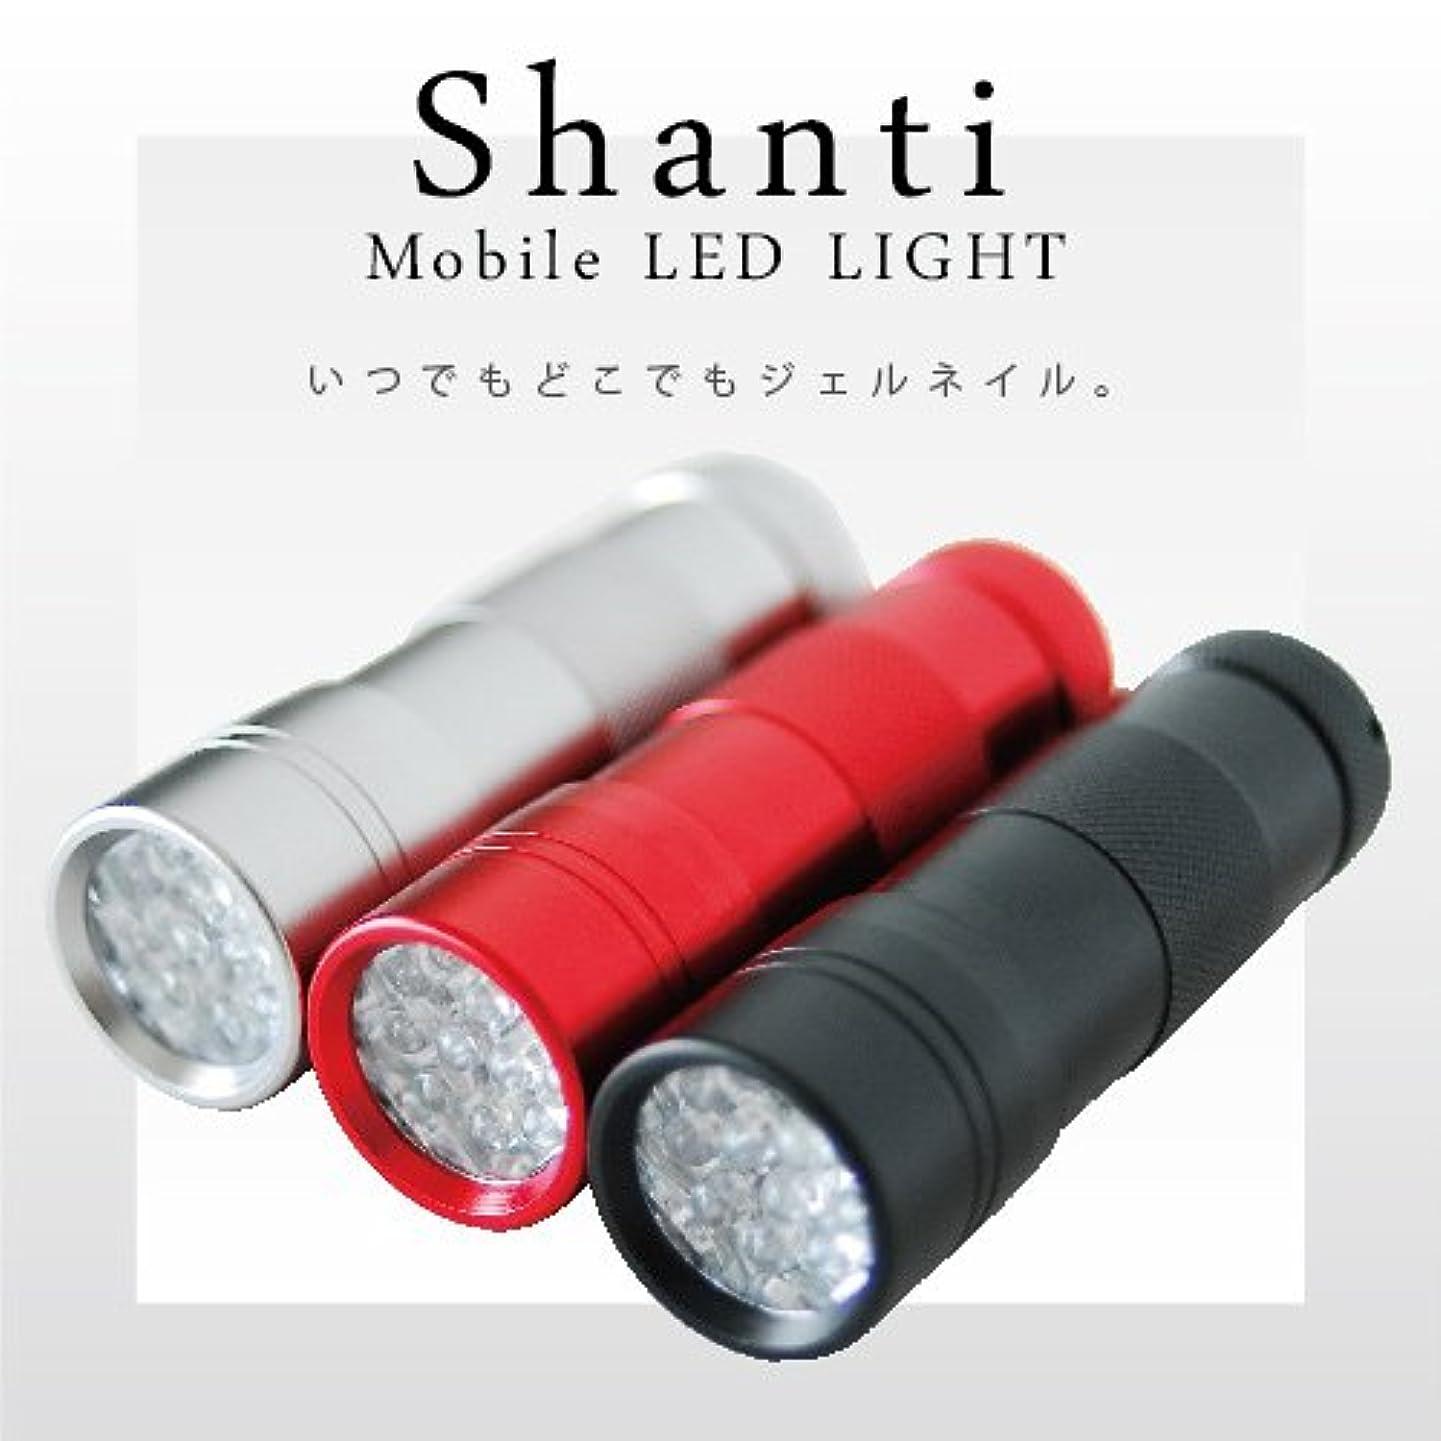 今後ポップペストジェルネイル用UVライト ペン型LEDライト Shanti Mobile LED ペン型ポータブルLEDライト カラー:シルバー  携帯用ハンドライト